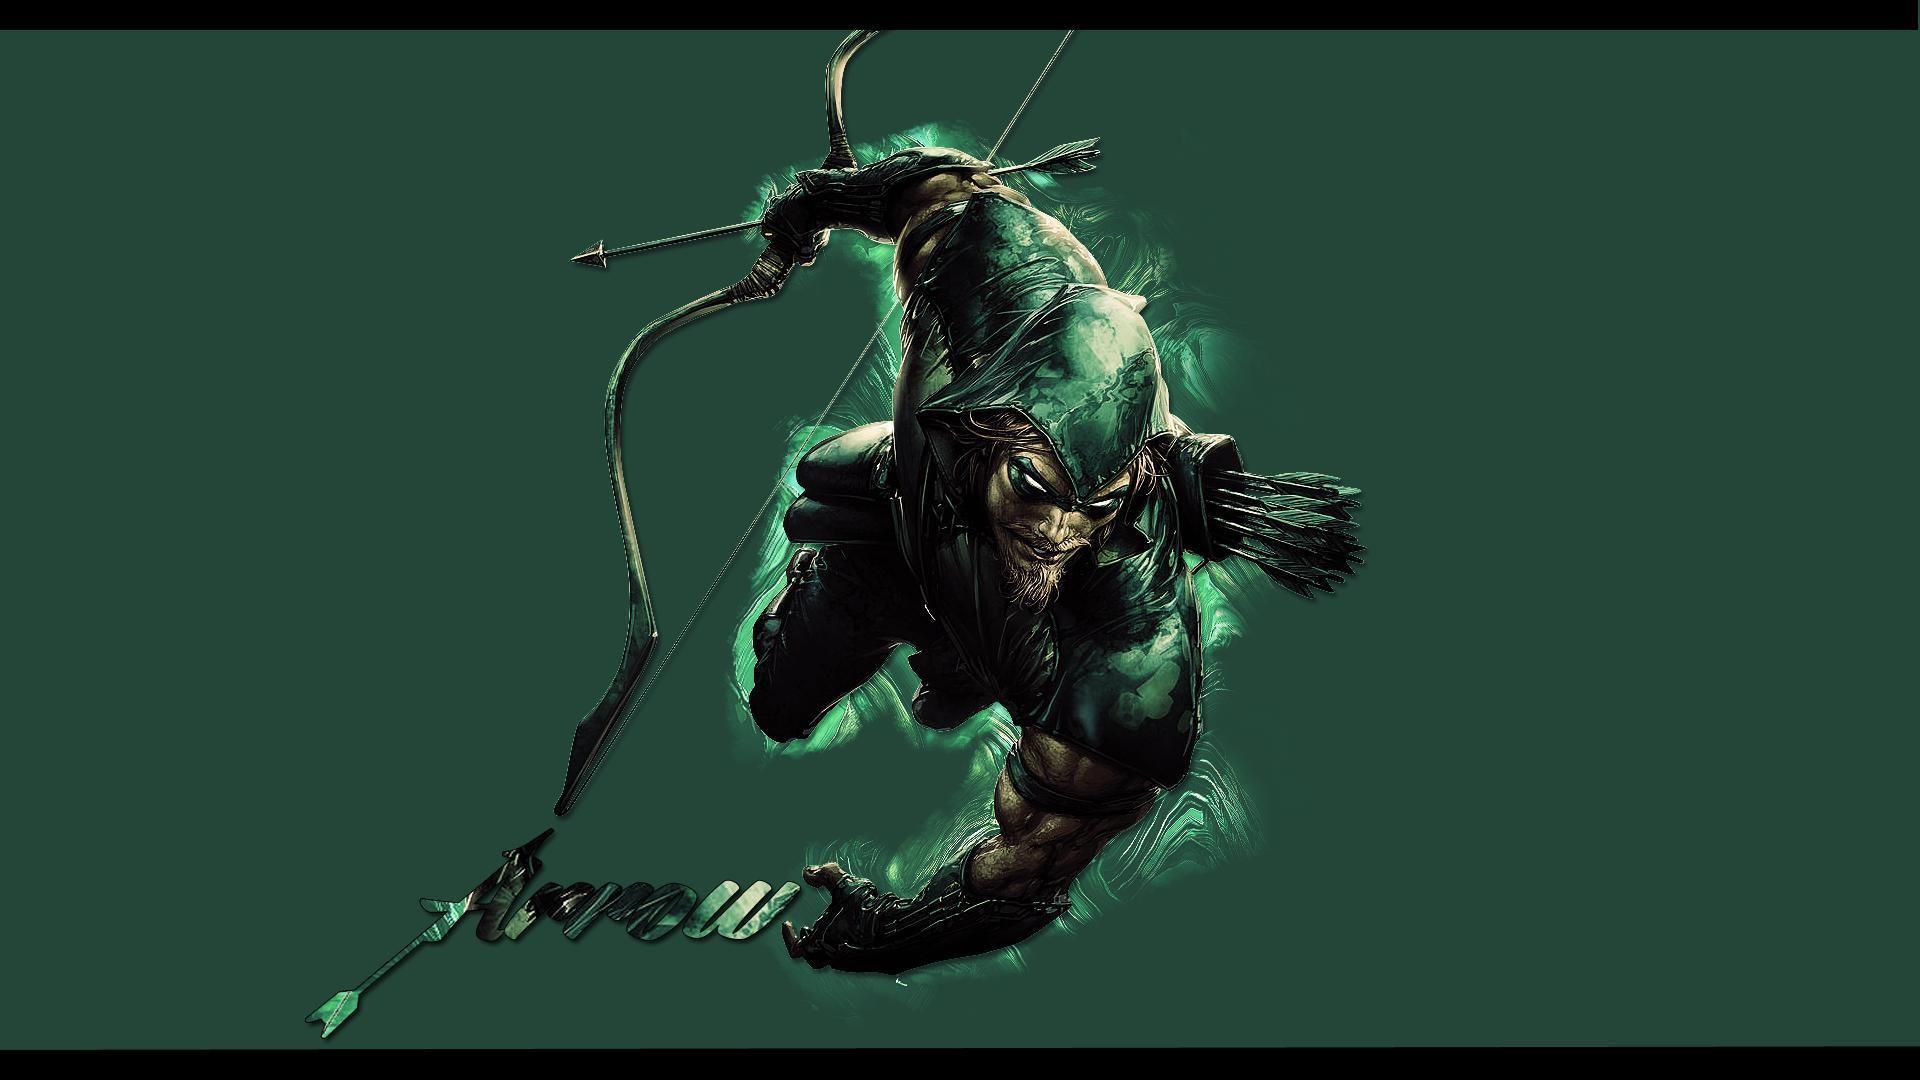 Green Arrow/Arrow Wallpaper HD by Tooyp on DeviantArt